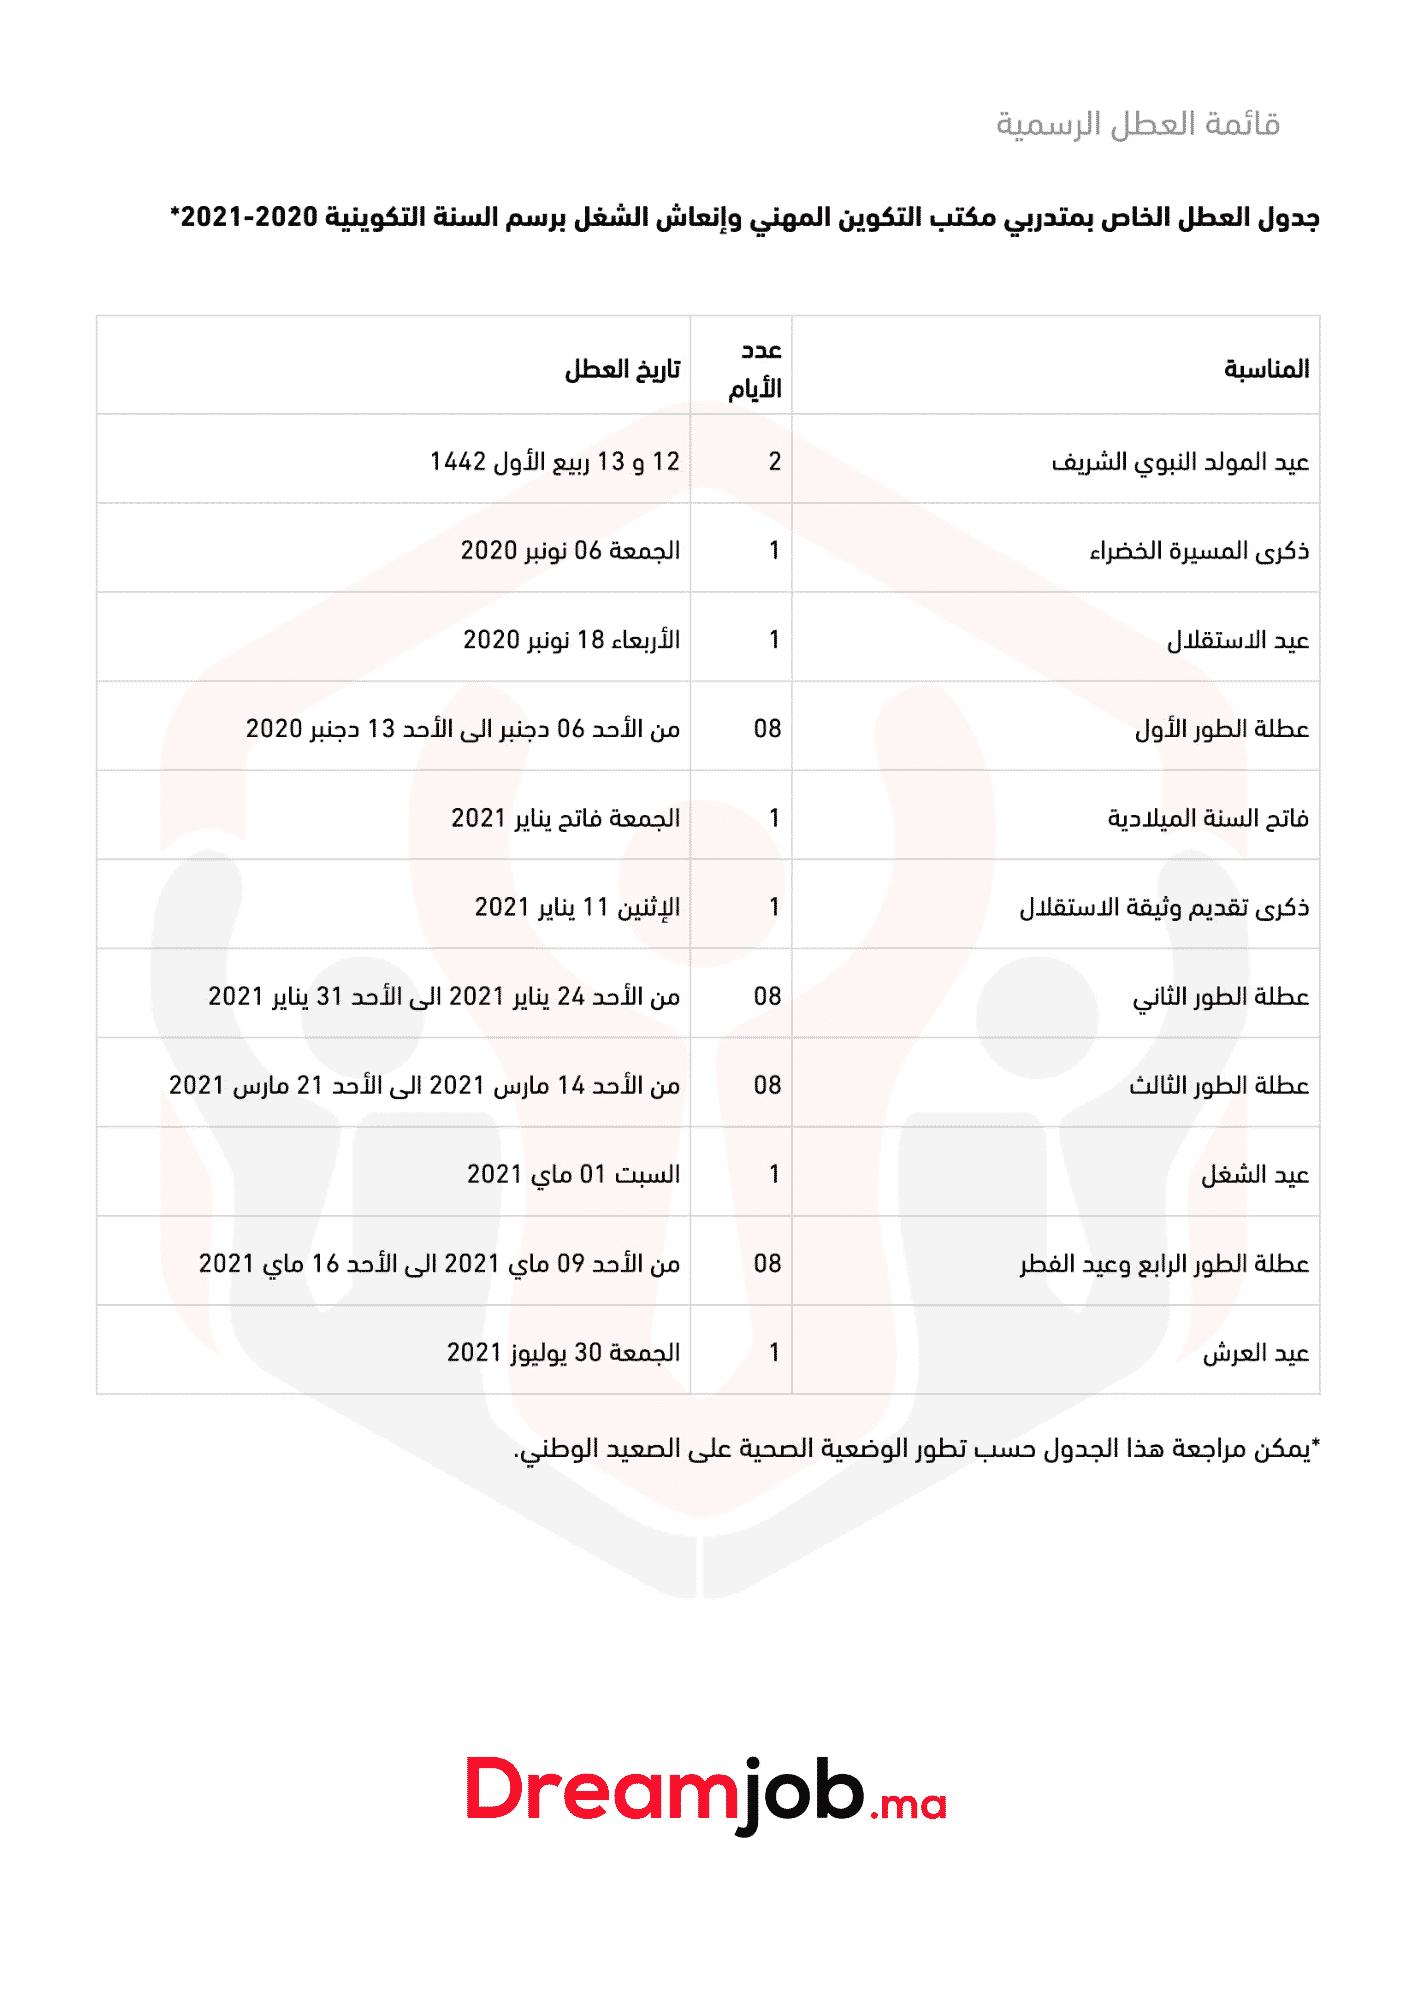 لائحة عطل التكوين المهني بالمغرب 2021_2020